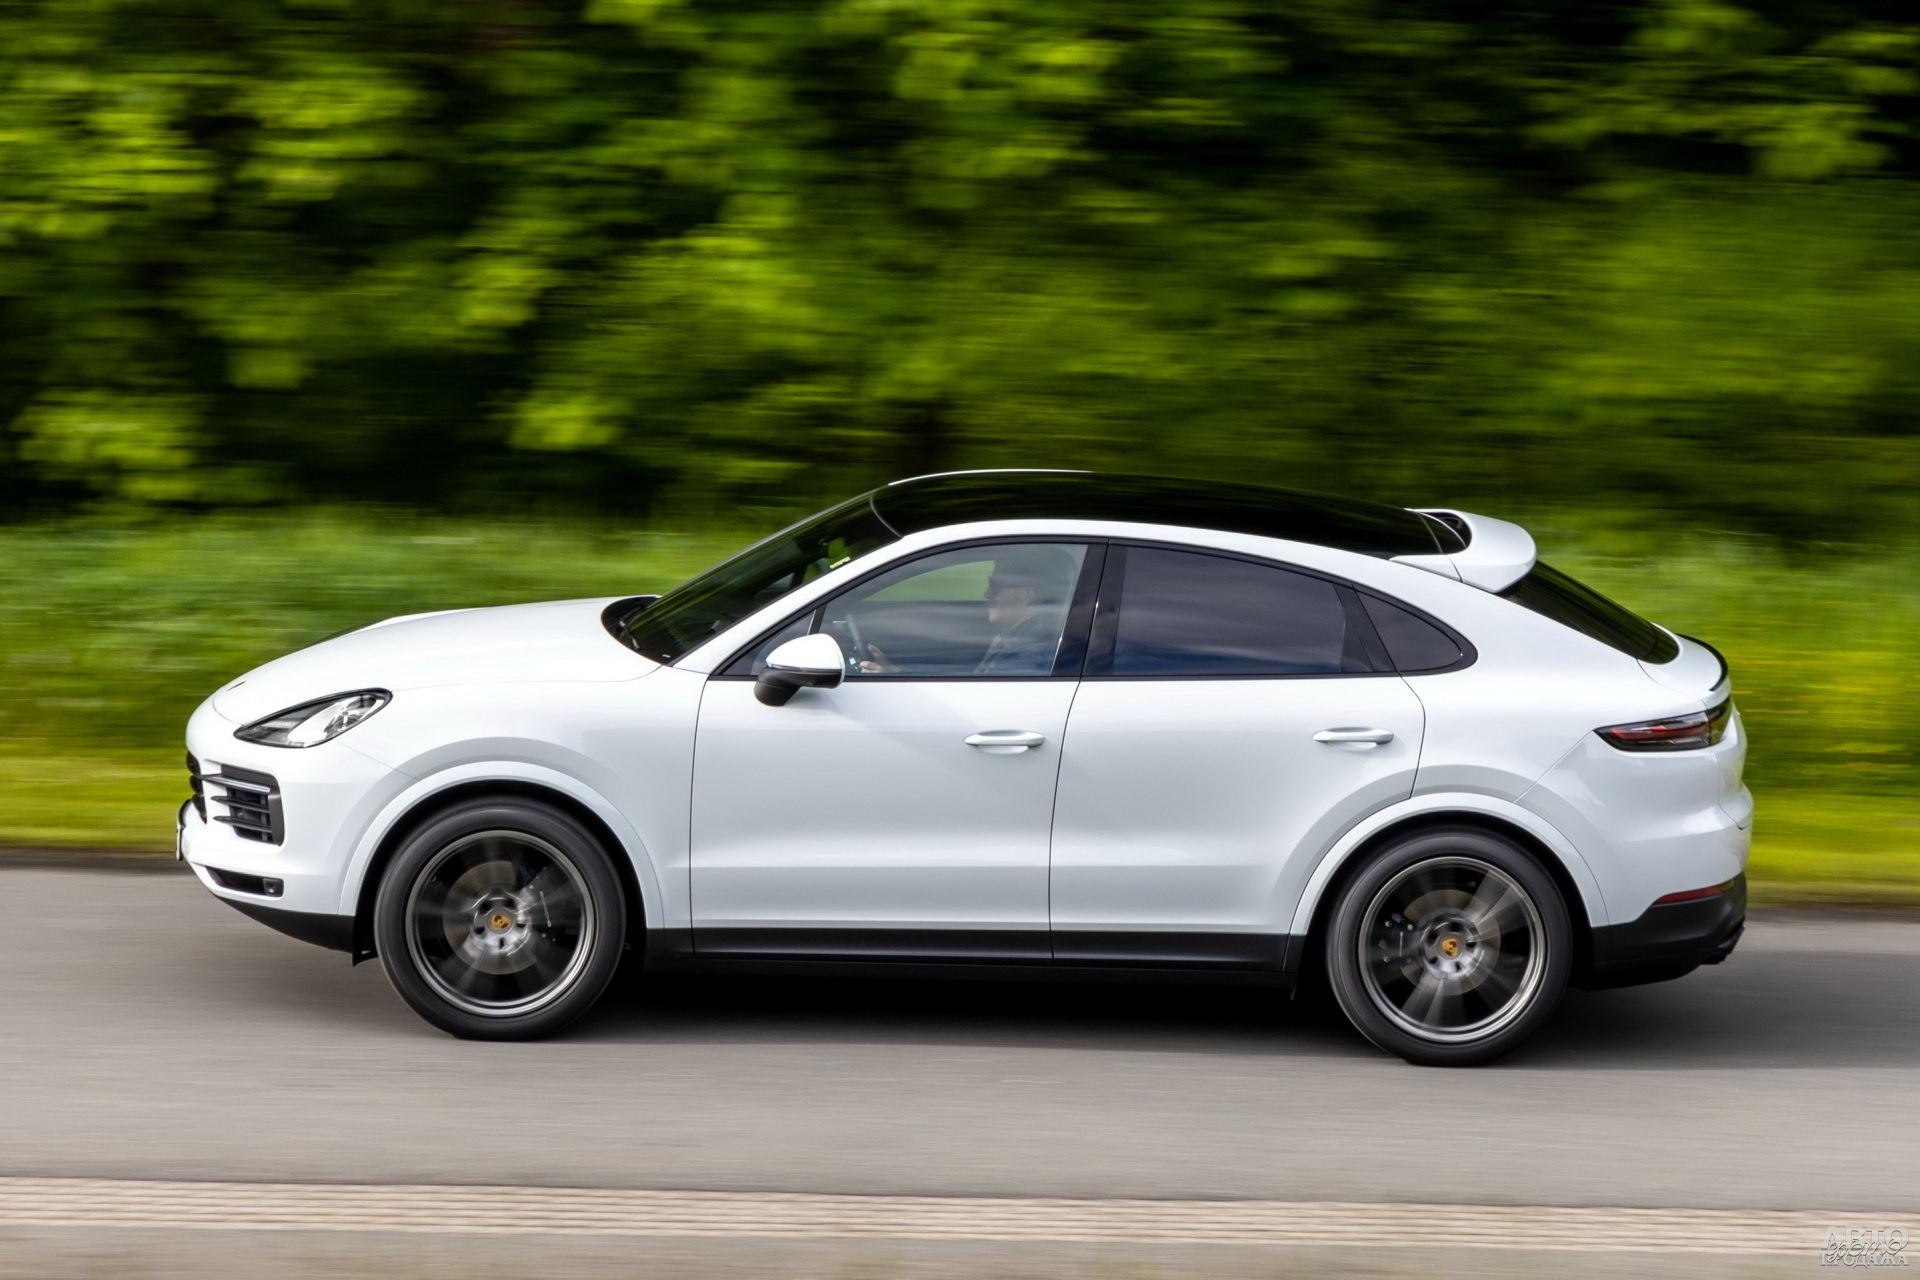 Porsche легче соперников – 2030 кг